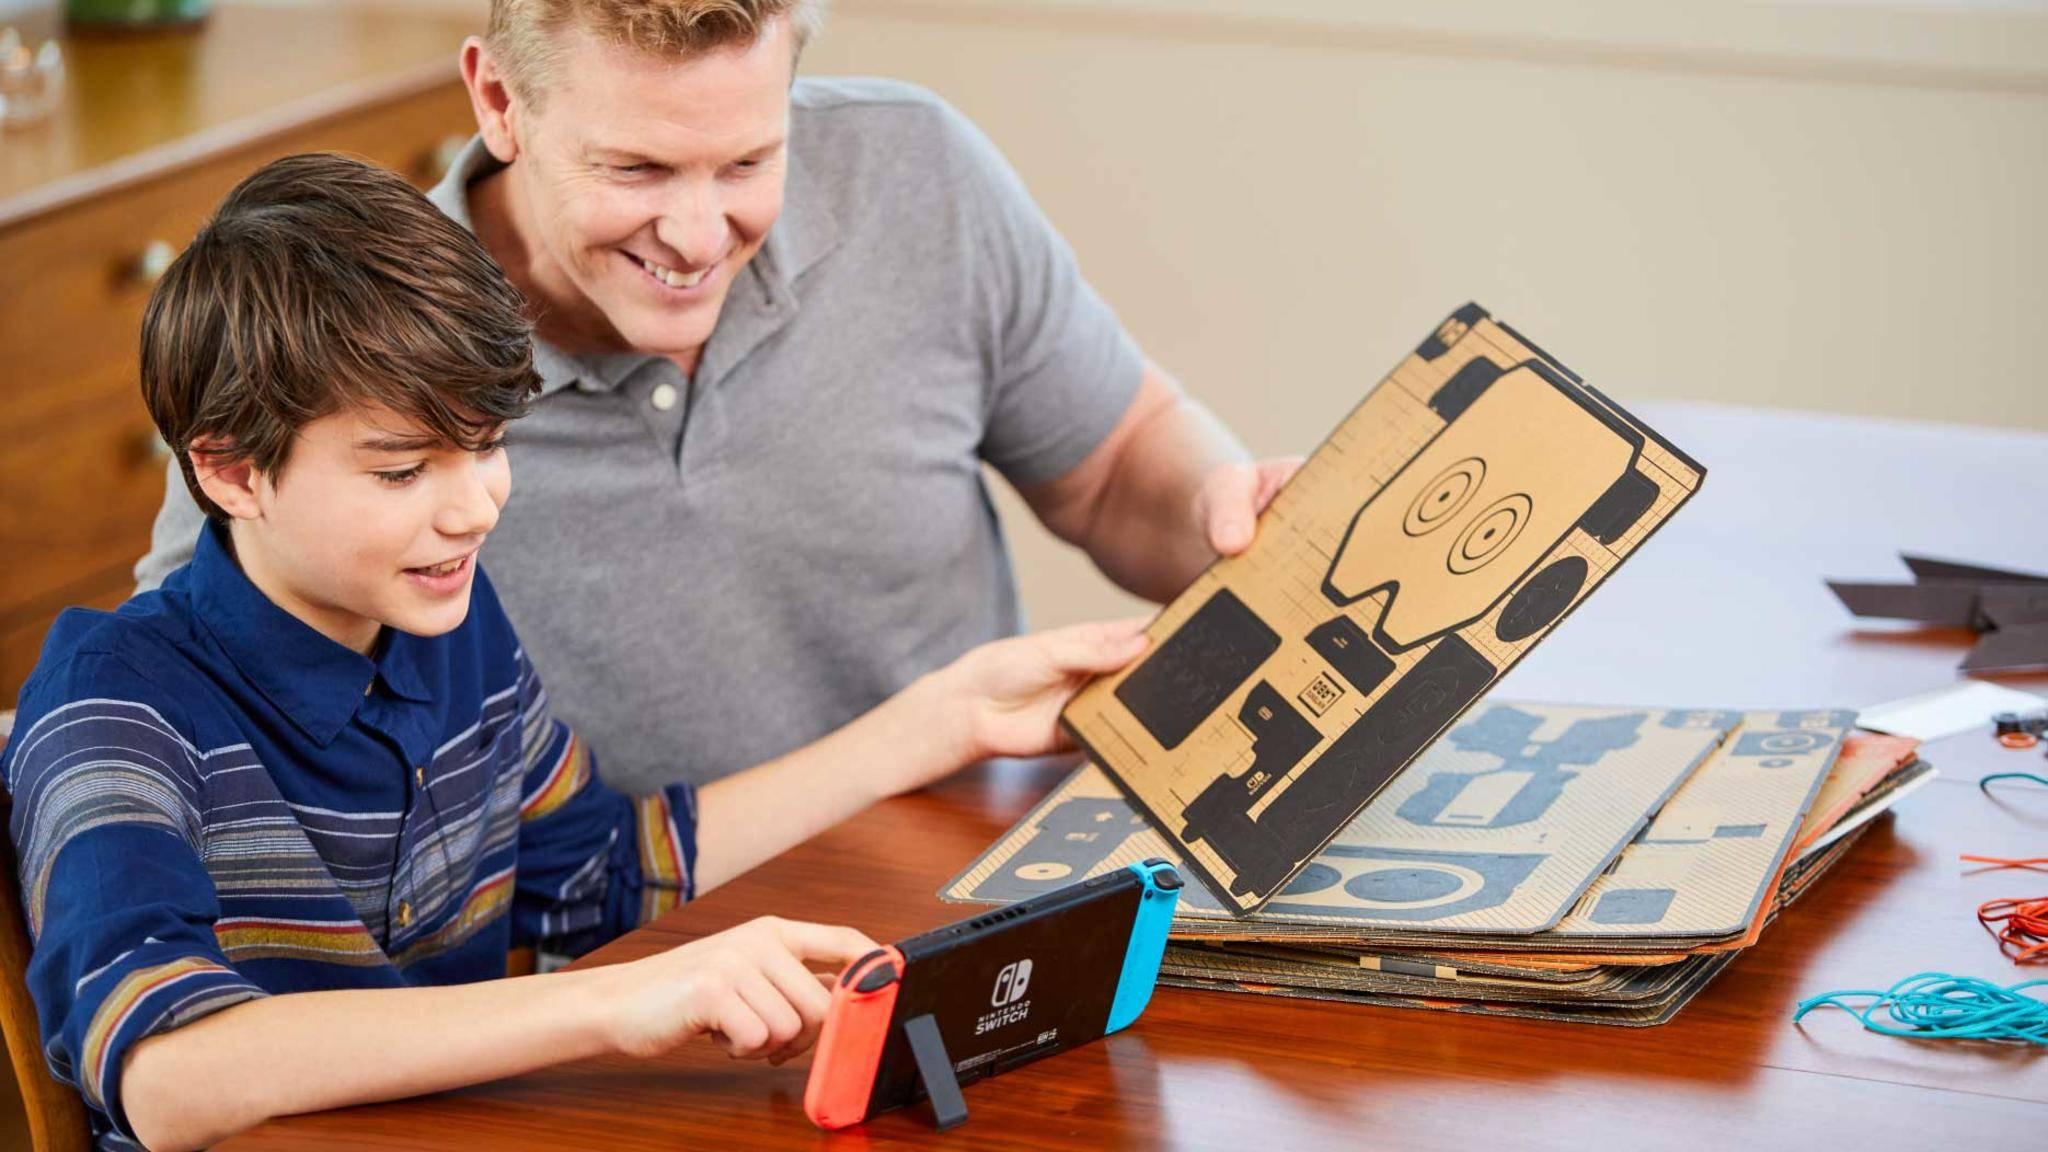 Nintendo bietet für Labo Ersatzteile an.